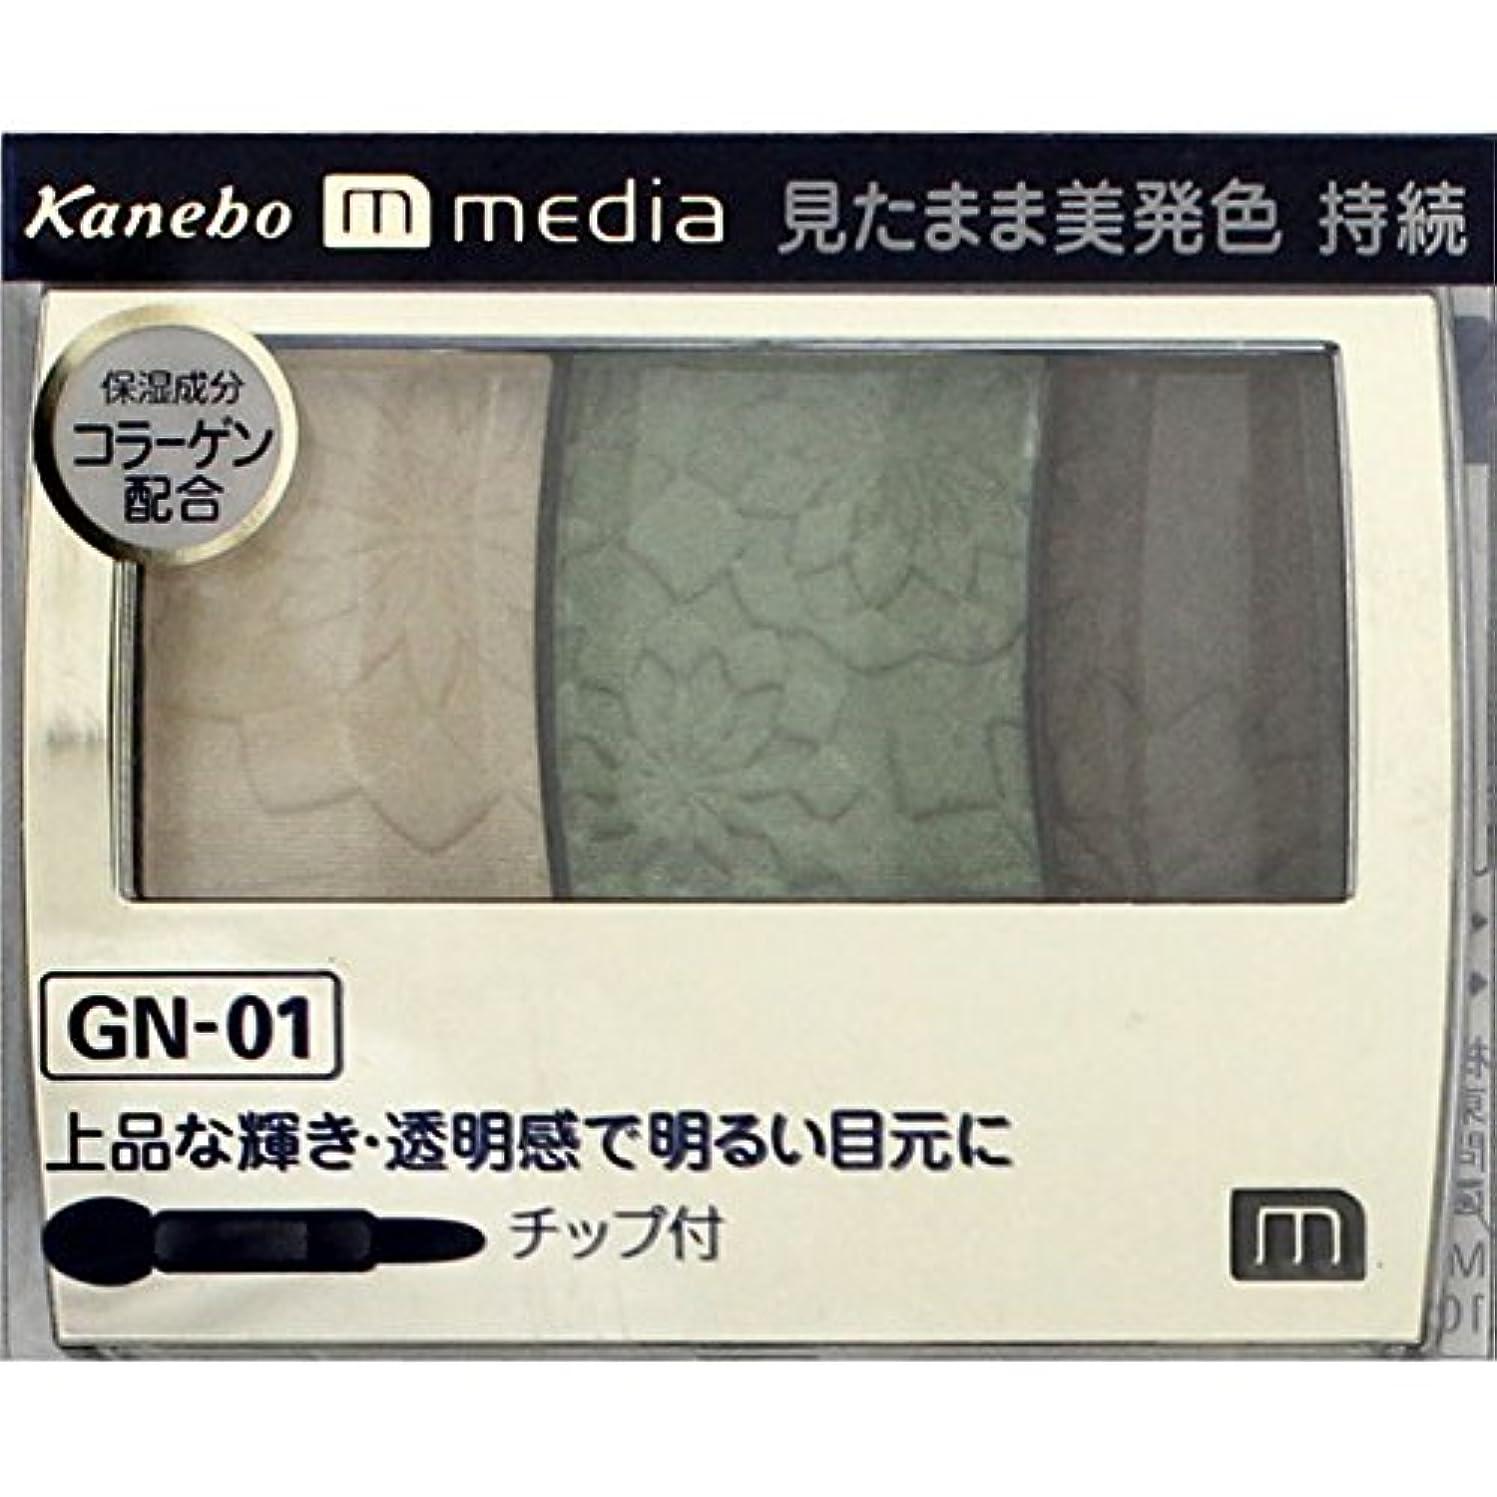 注ぎます乱闘茎【カネボウ】 メディア グラデカラーアイシャドウ GN-01